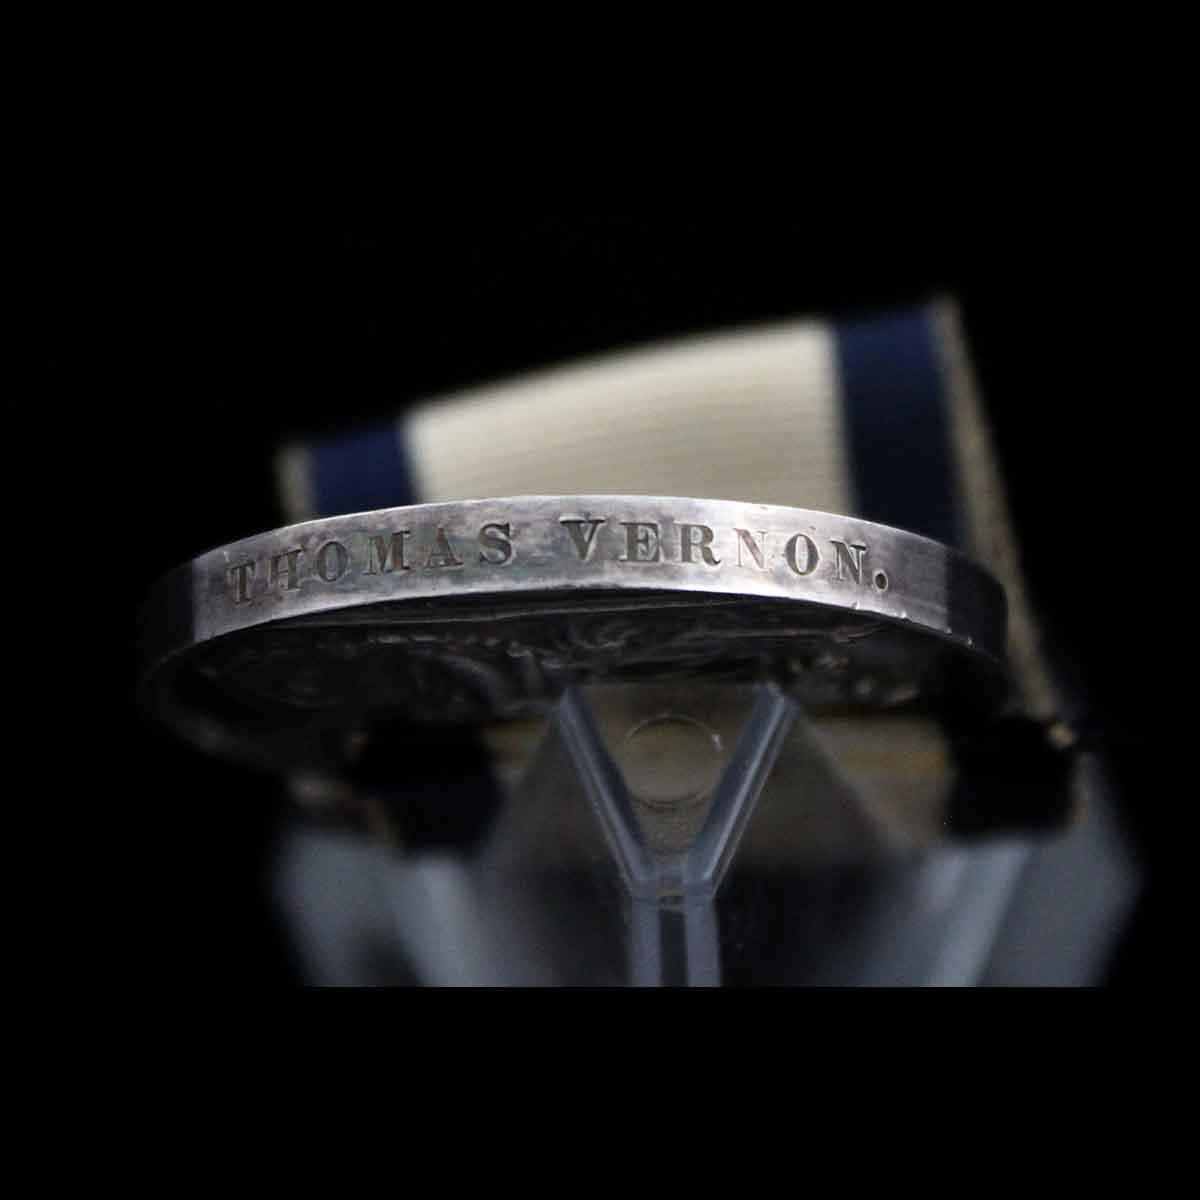 NGS Gaieta 1815 Qr Gnr HMS Berwick 3